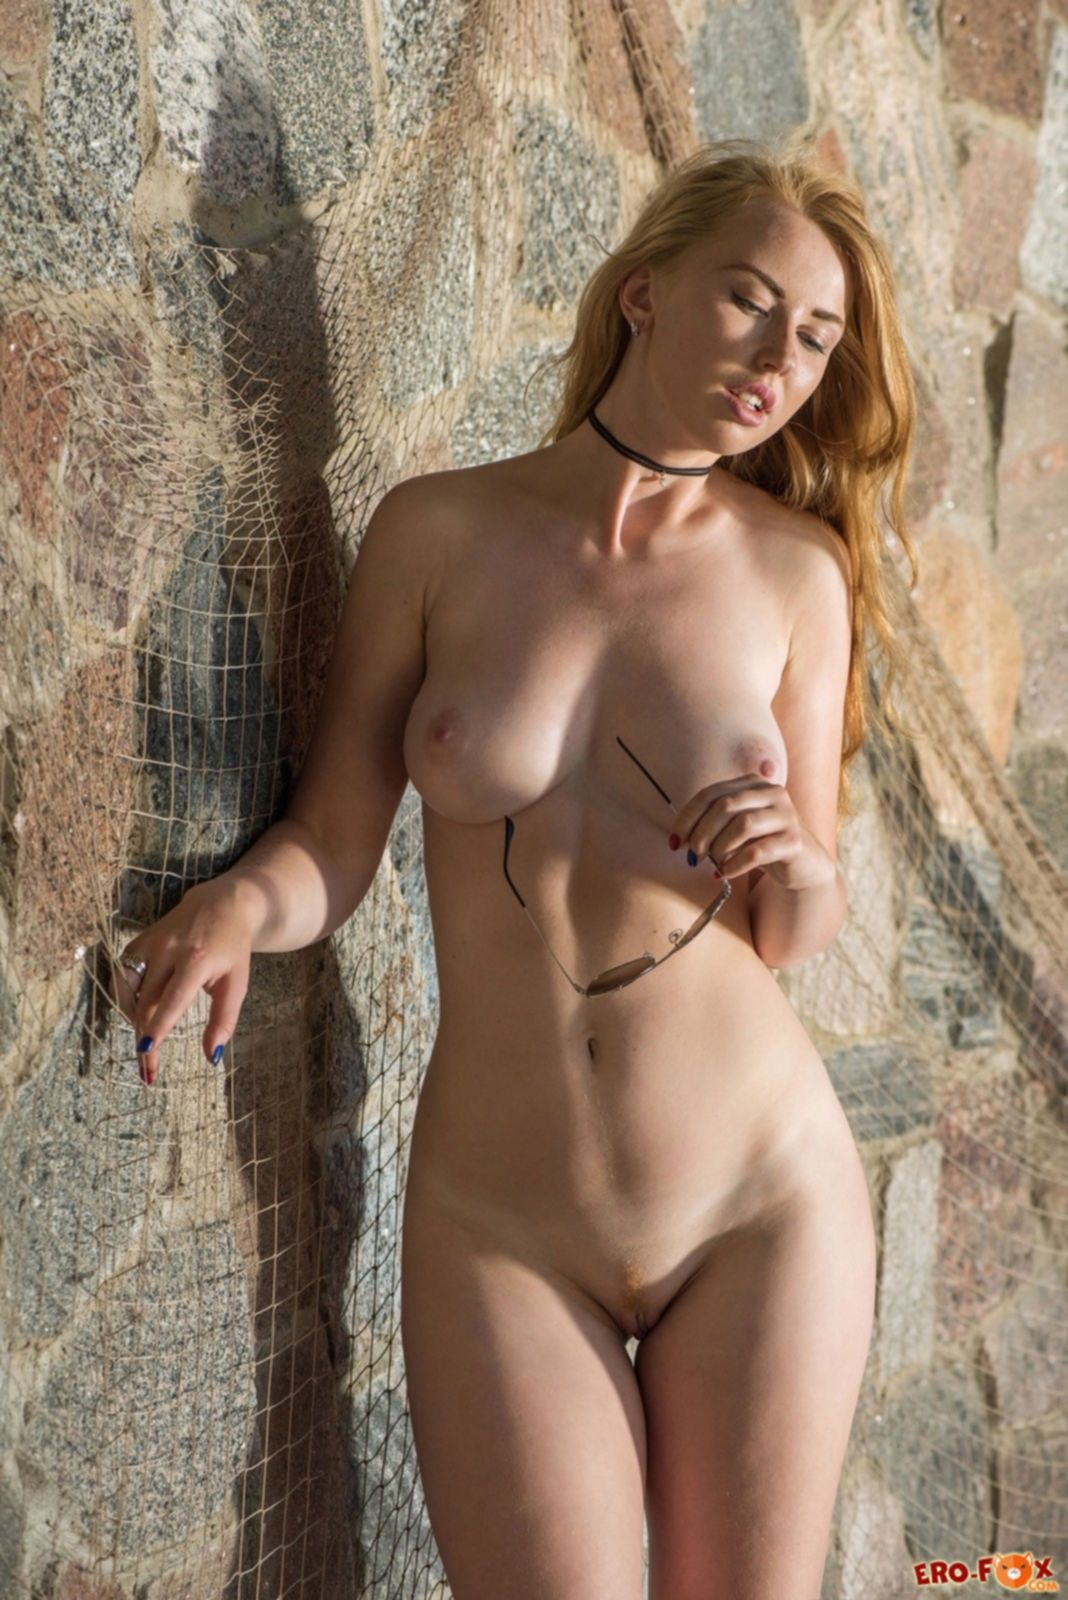 Сексуальная тёлка сняла боди и оголила упругую грудь - фото